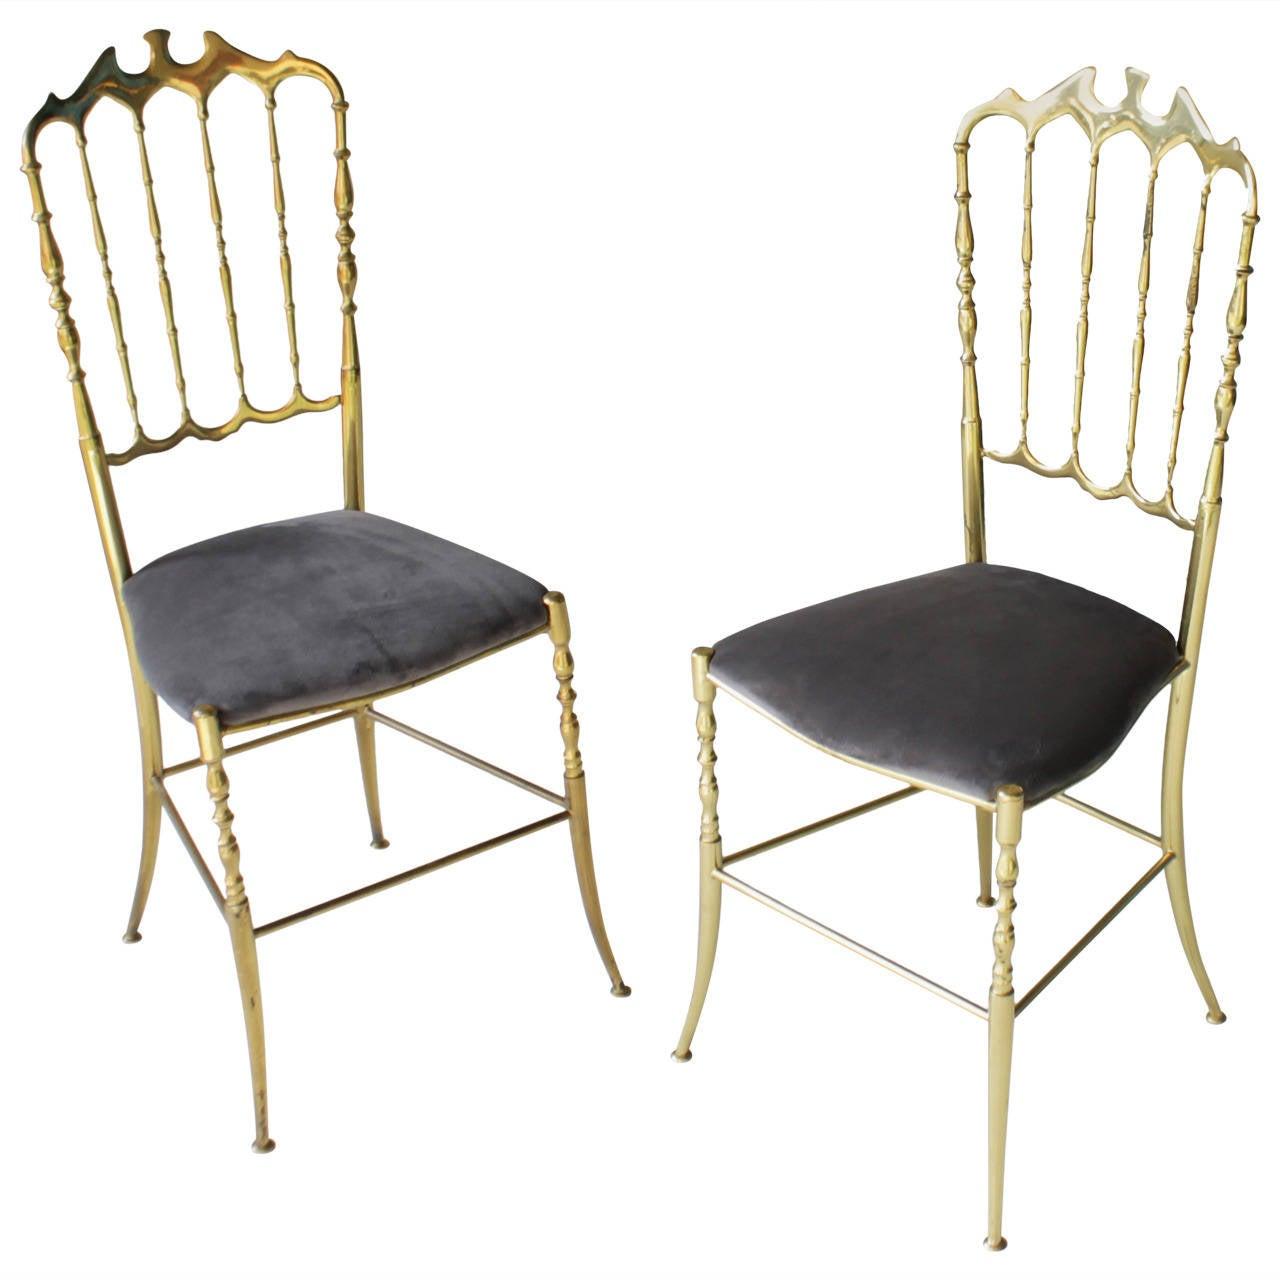 Pair of Brass Italian Chiavari Chairs